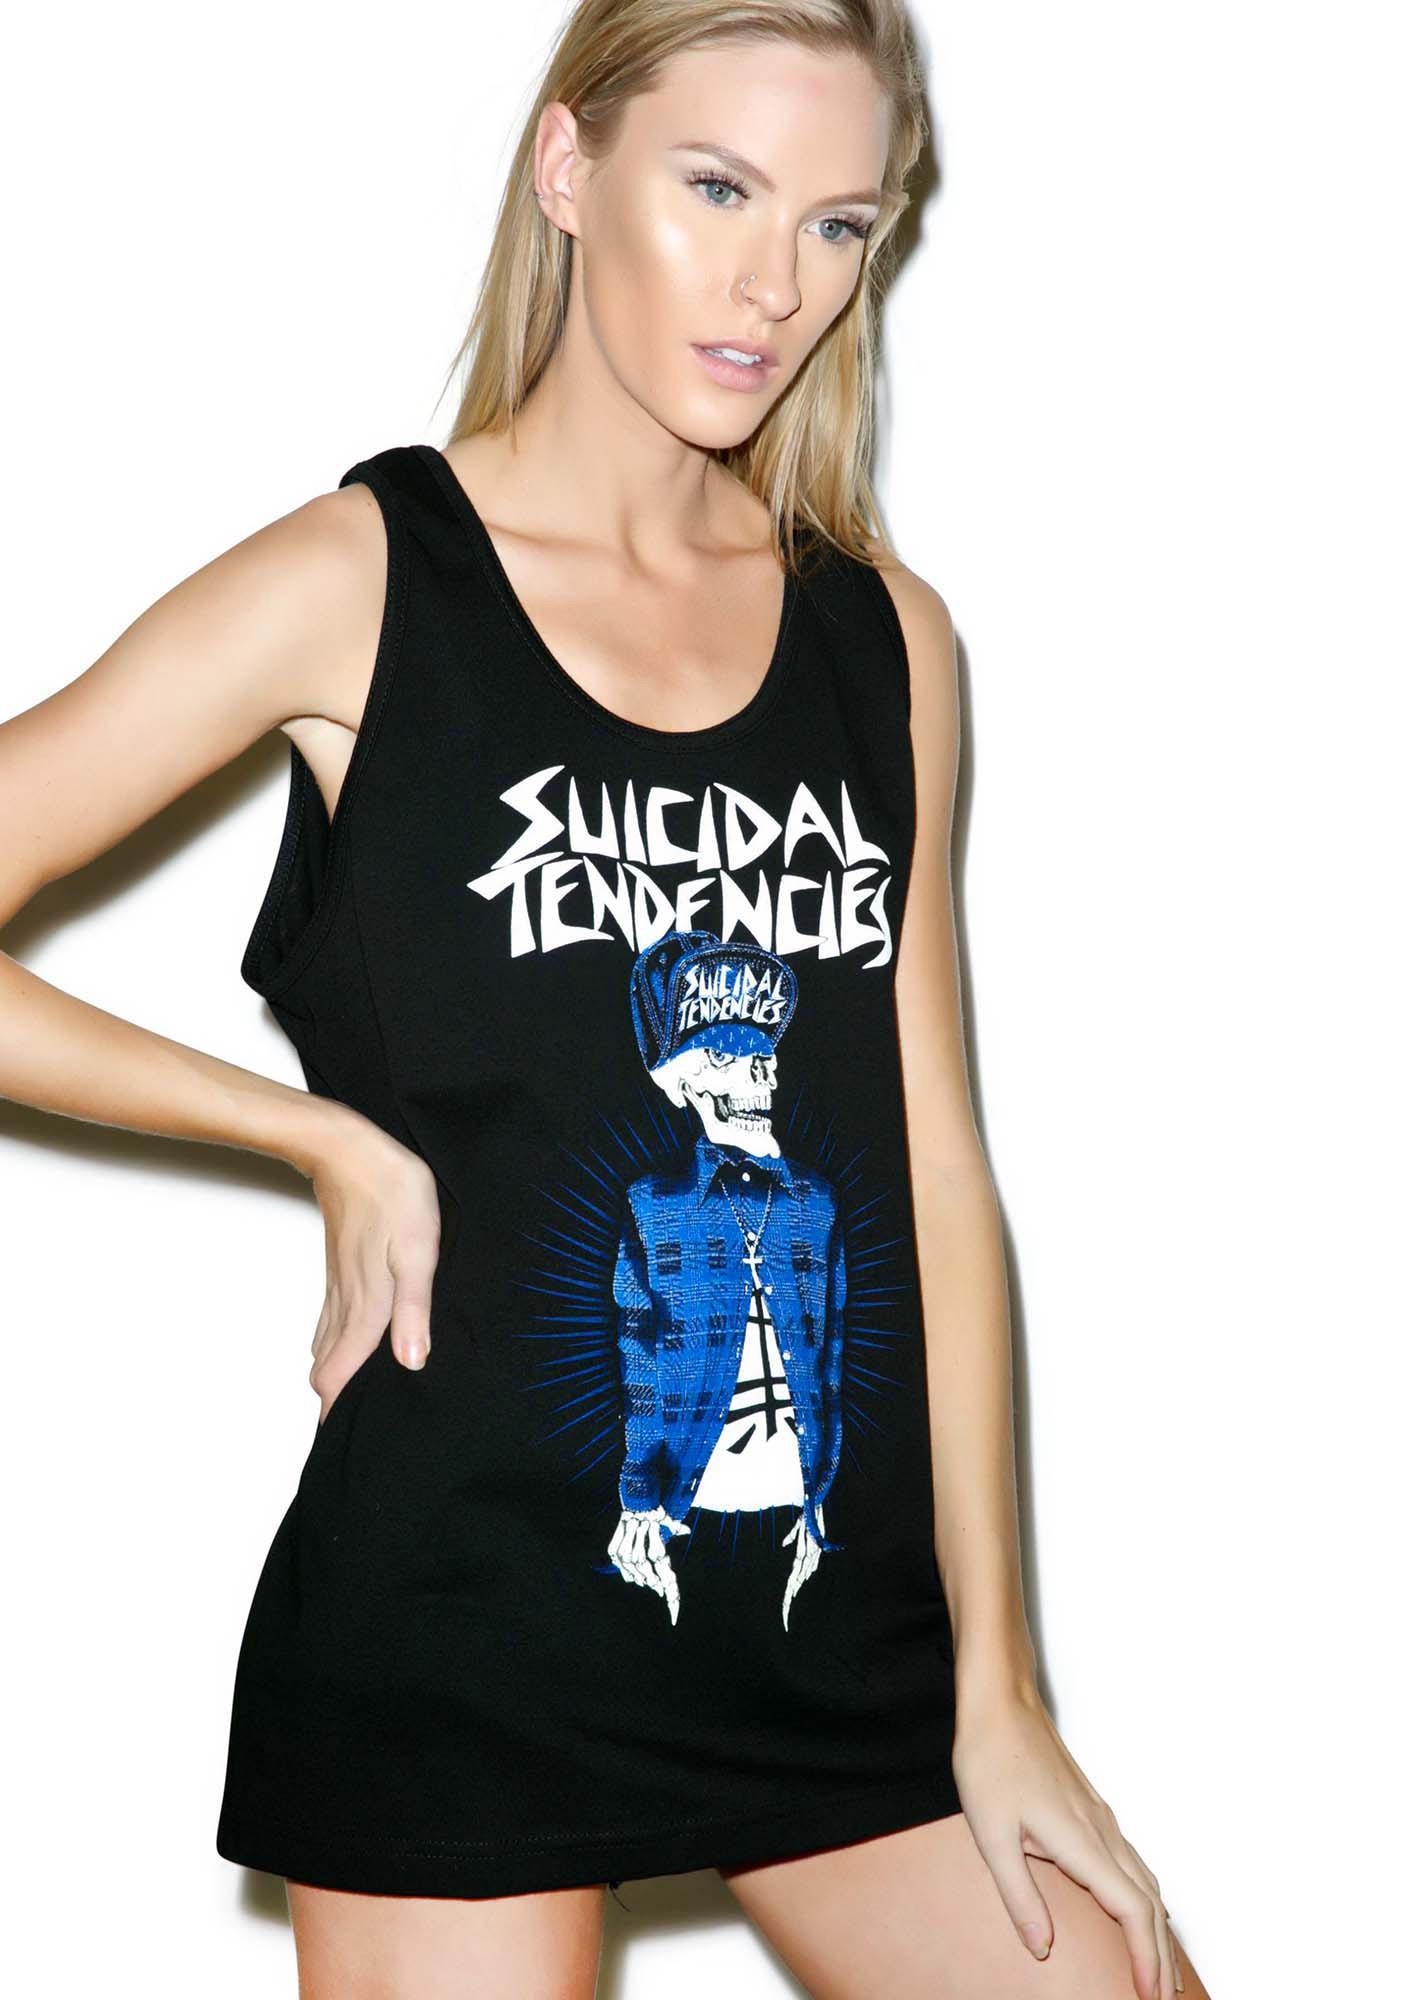 Suicidal Tendencies OG Dude Tank Top